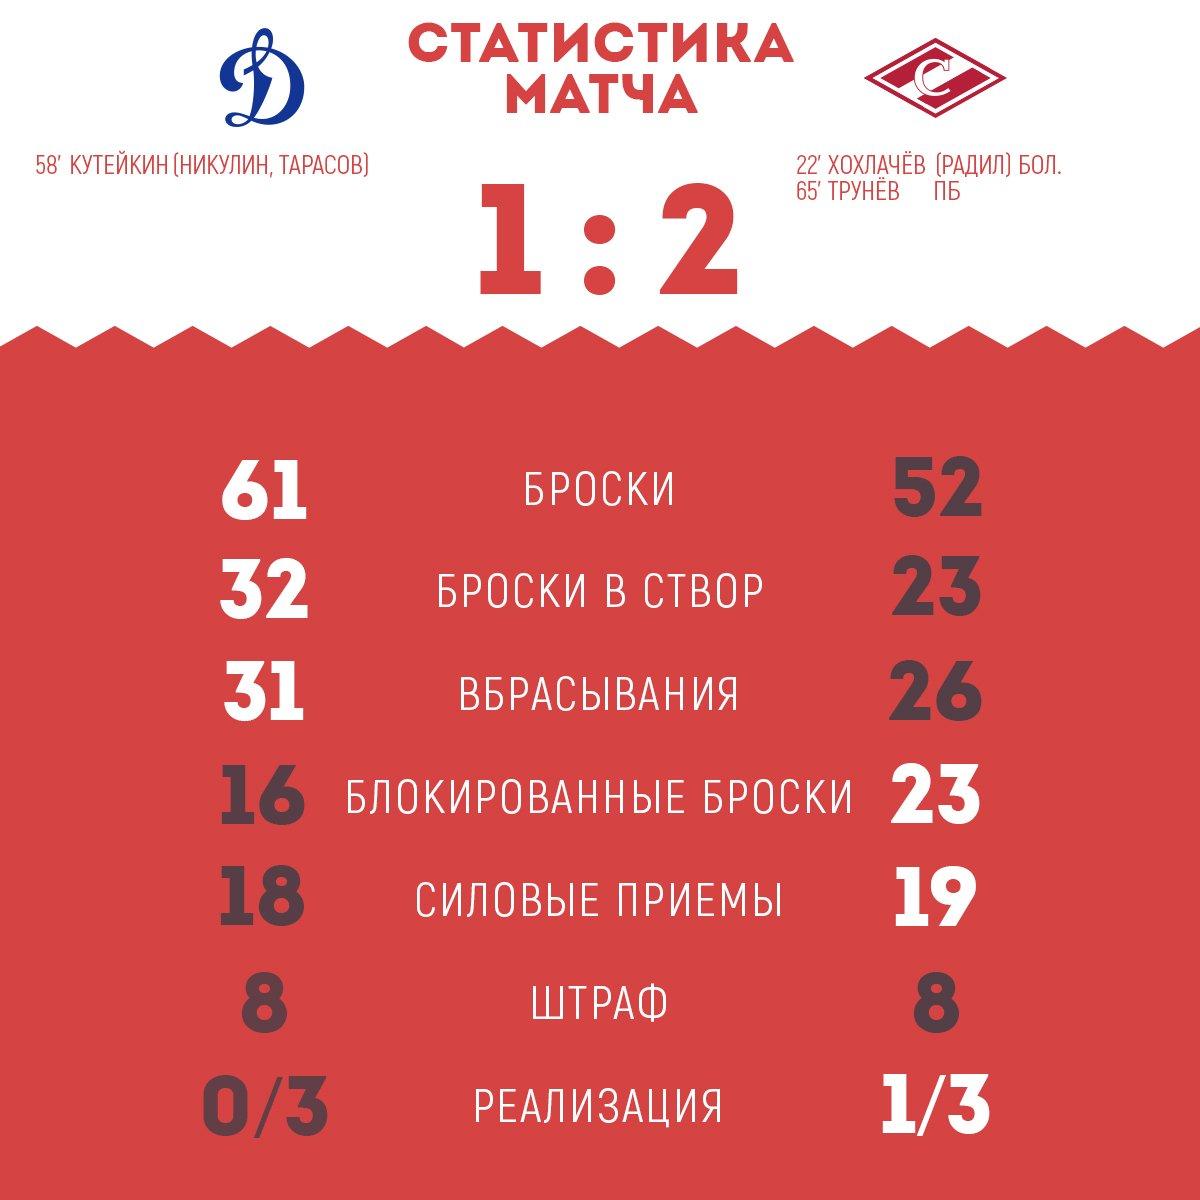 Статистика матча «Динамо» vs «Спартак» 1:2 Б